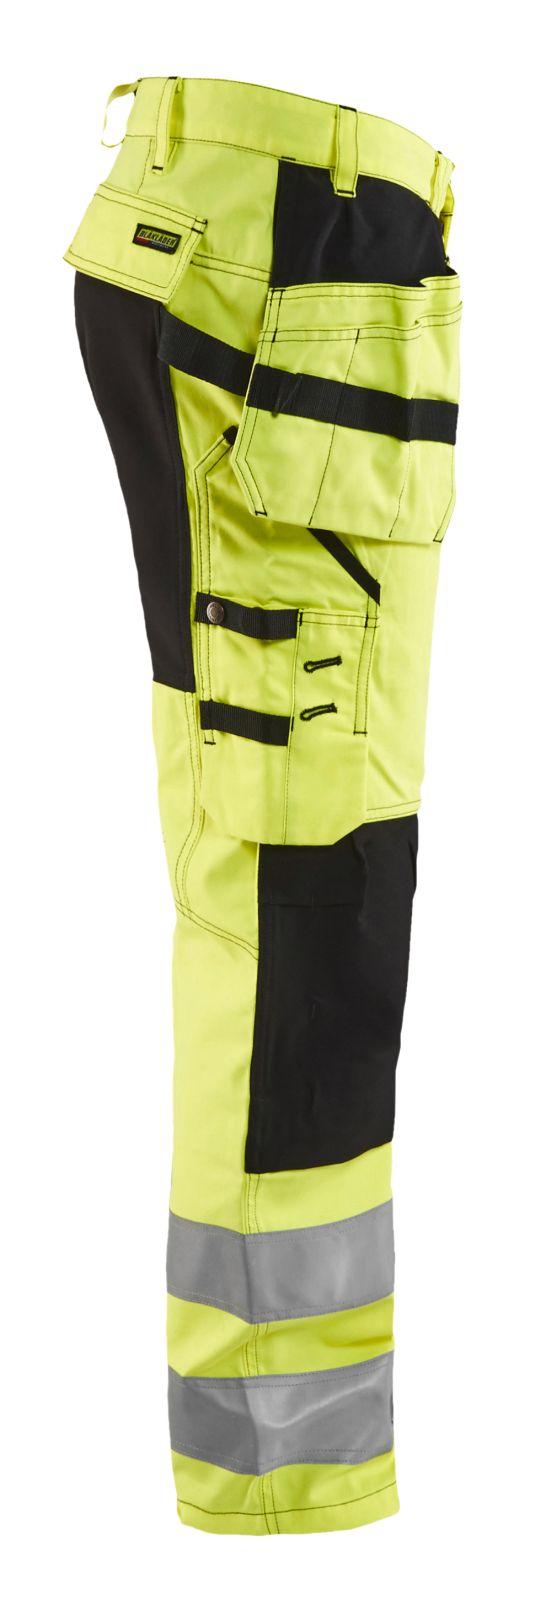 Blaklader Softshell werkbroeken 15521811 High Vis geel-zwart(3399)